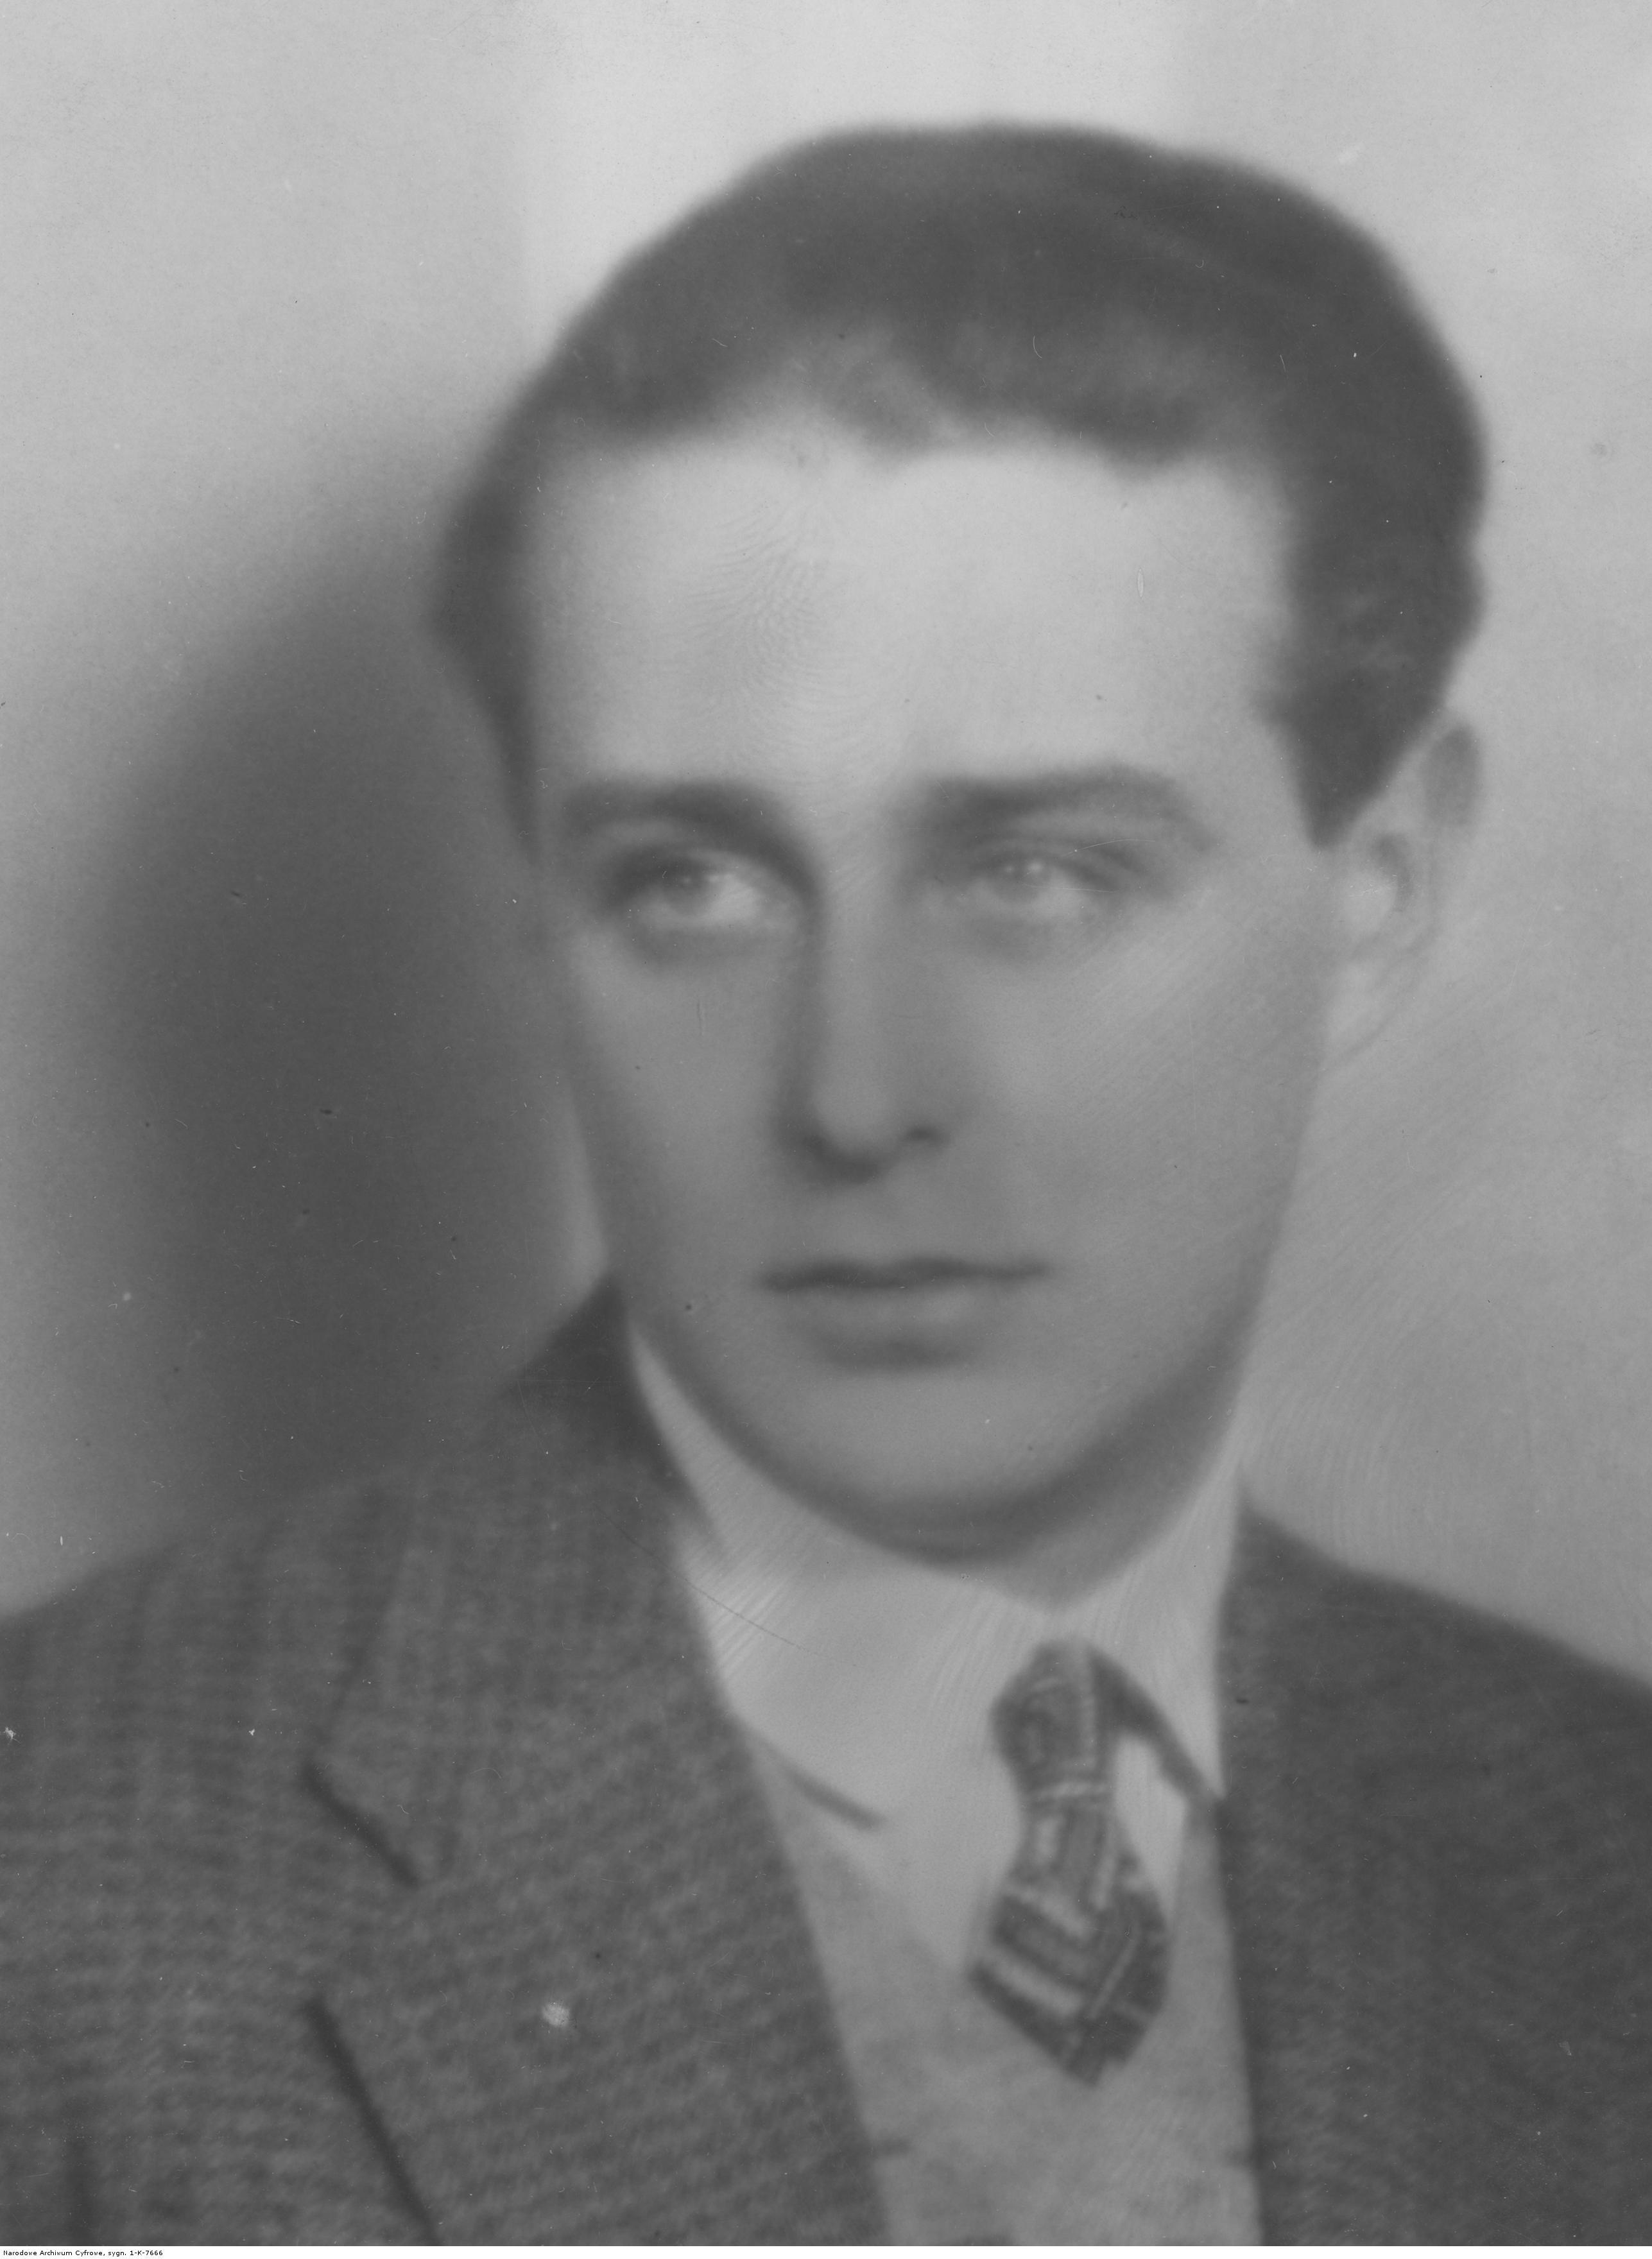 Mieczyslaw Cybulski